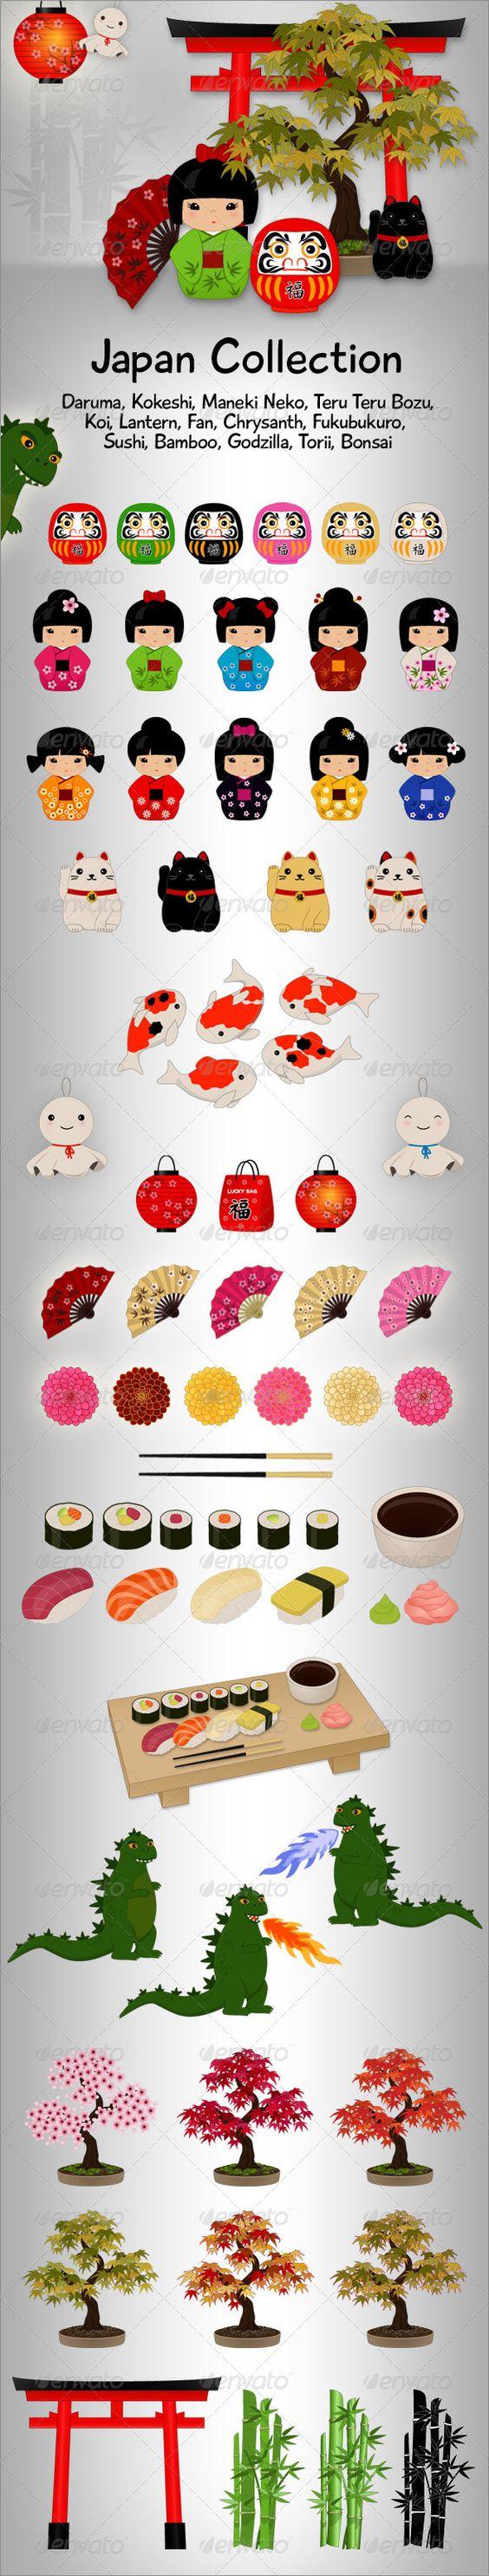 Bonsai clipart japanese koi Images Pinterest on Inspiration best